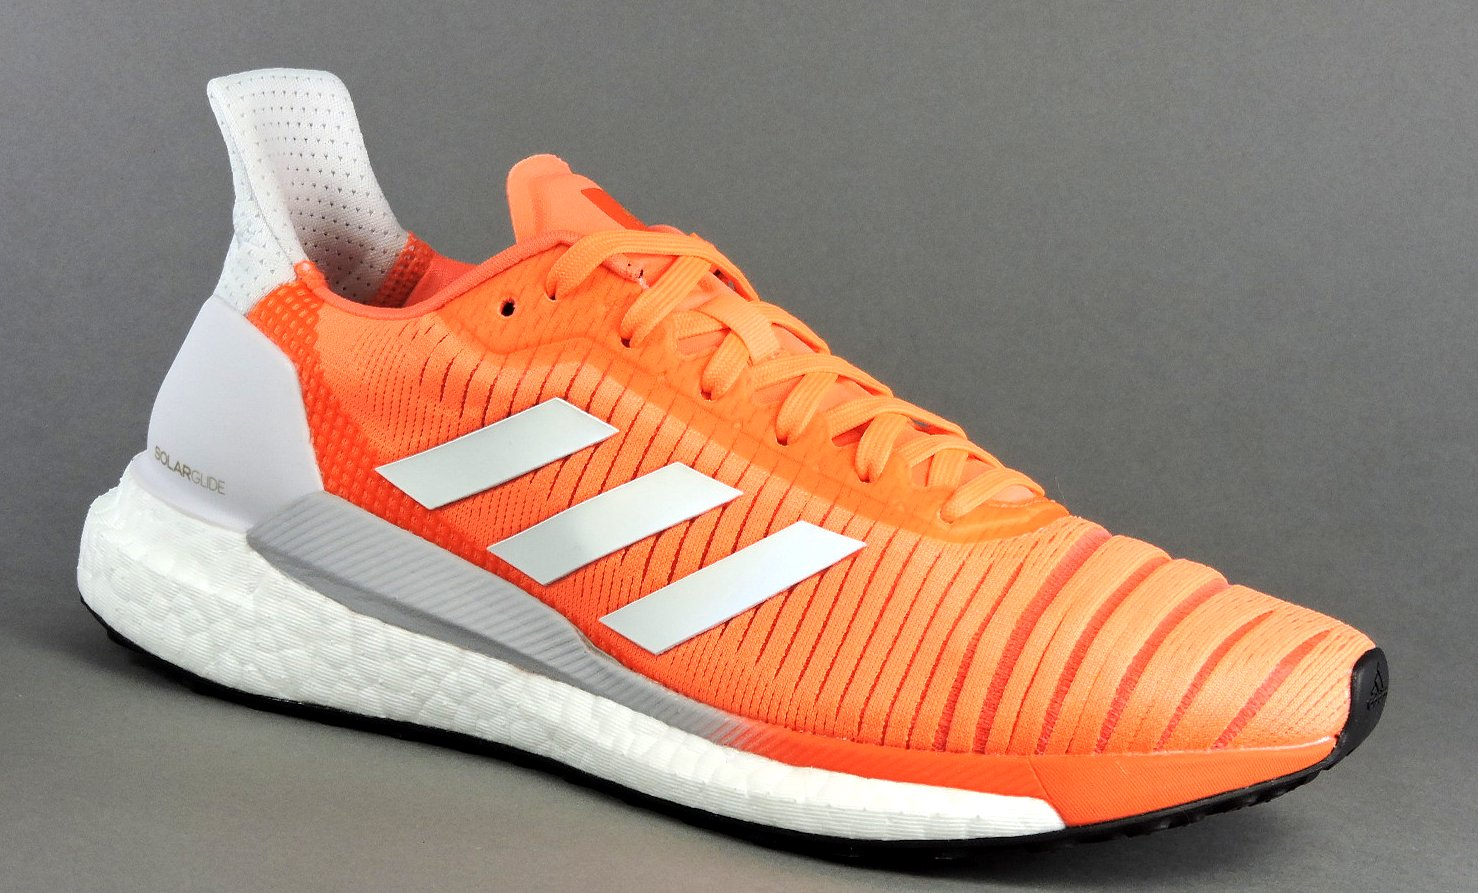 Adidas Solar Glide 19 W